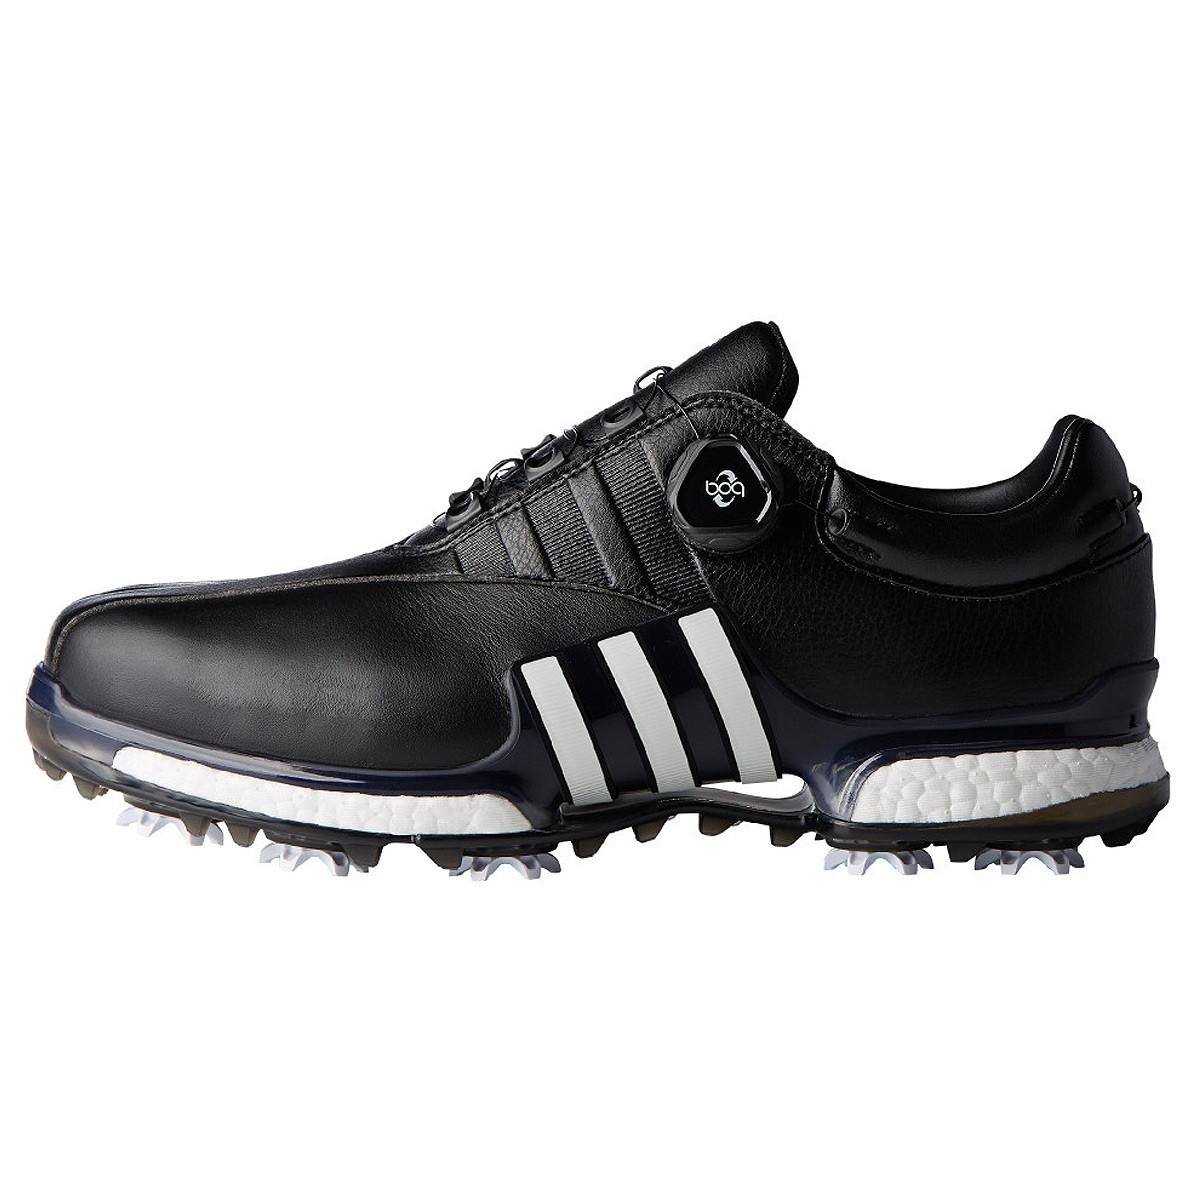 adidas golf mens 2018 tour 360 boa scarpe da golf